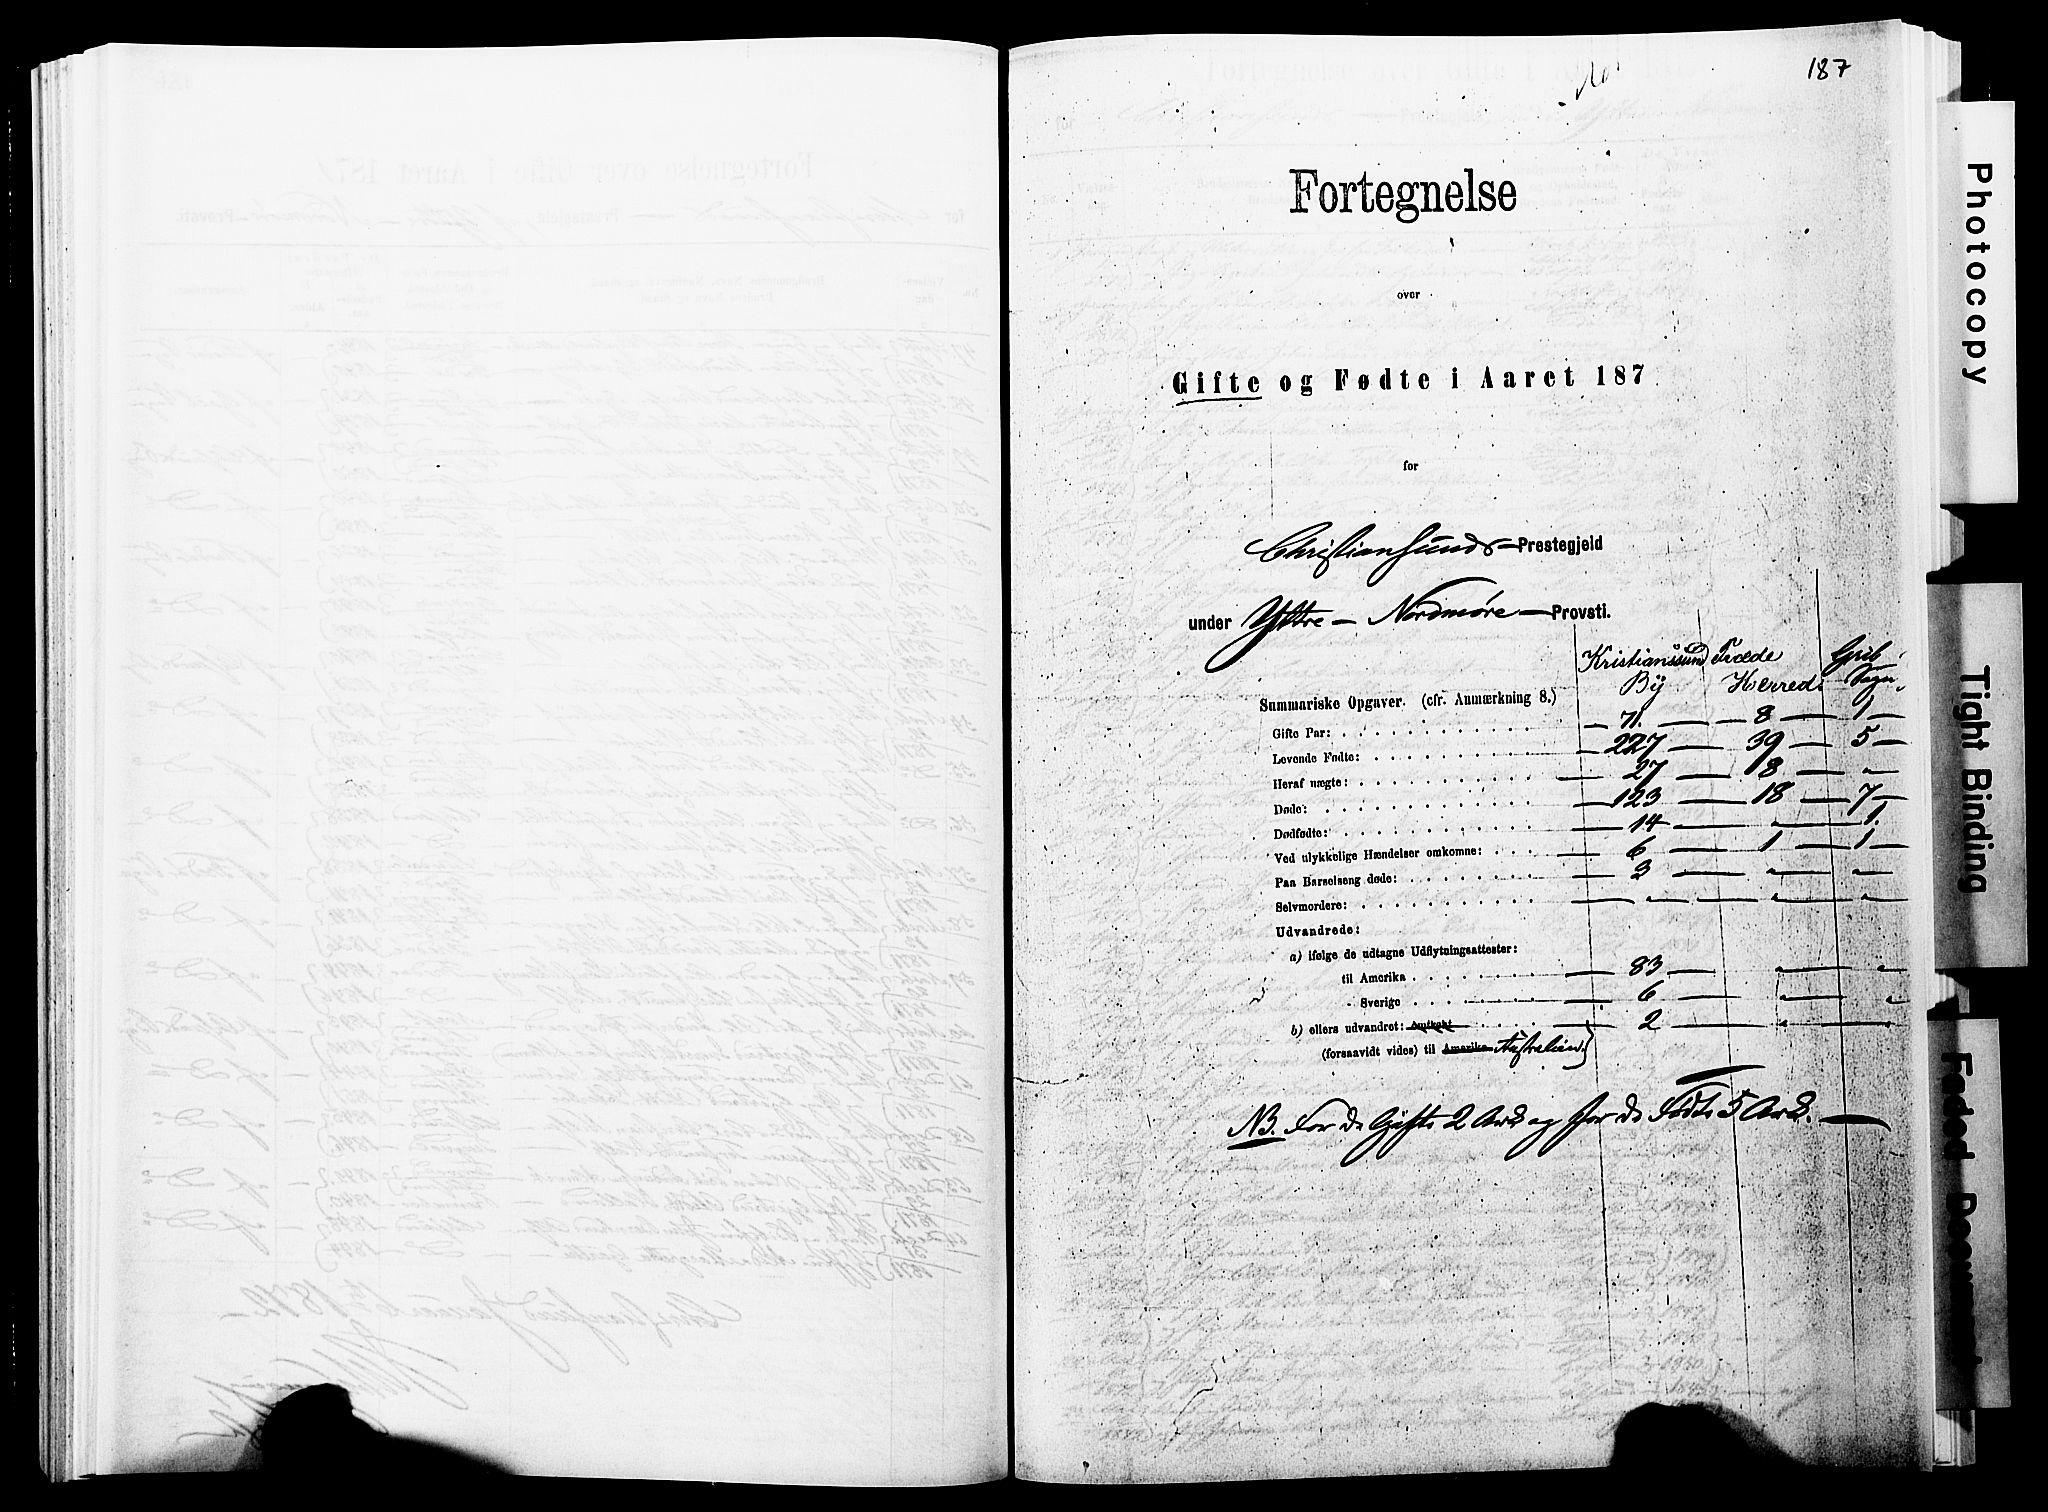 SAT, Ministerialprotokoller, klokkerbøker og fødselsregistre - Møre og Romsdal, 572/L0857: Ministerialbok nr. 572D01, 1866-1872, s. 187